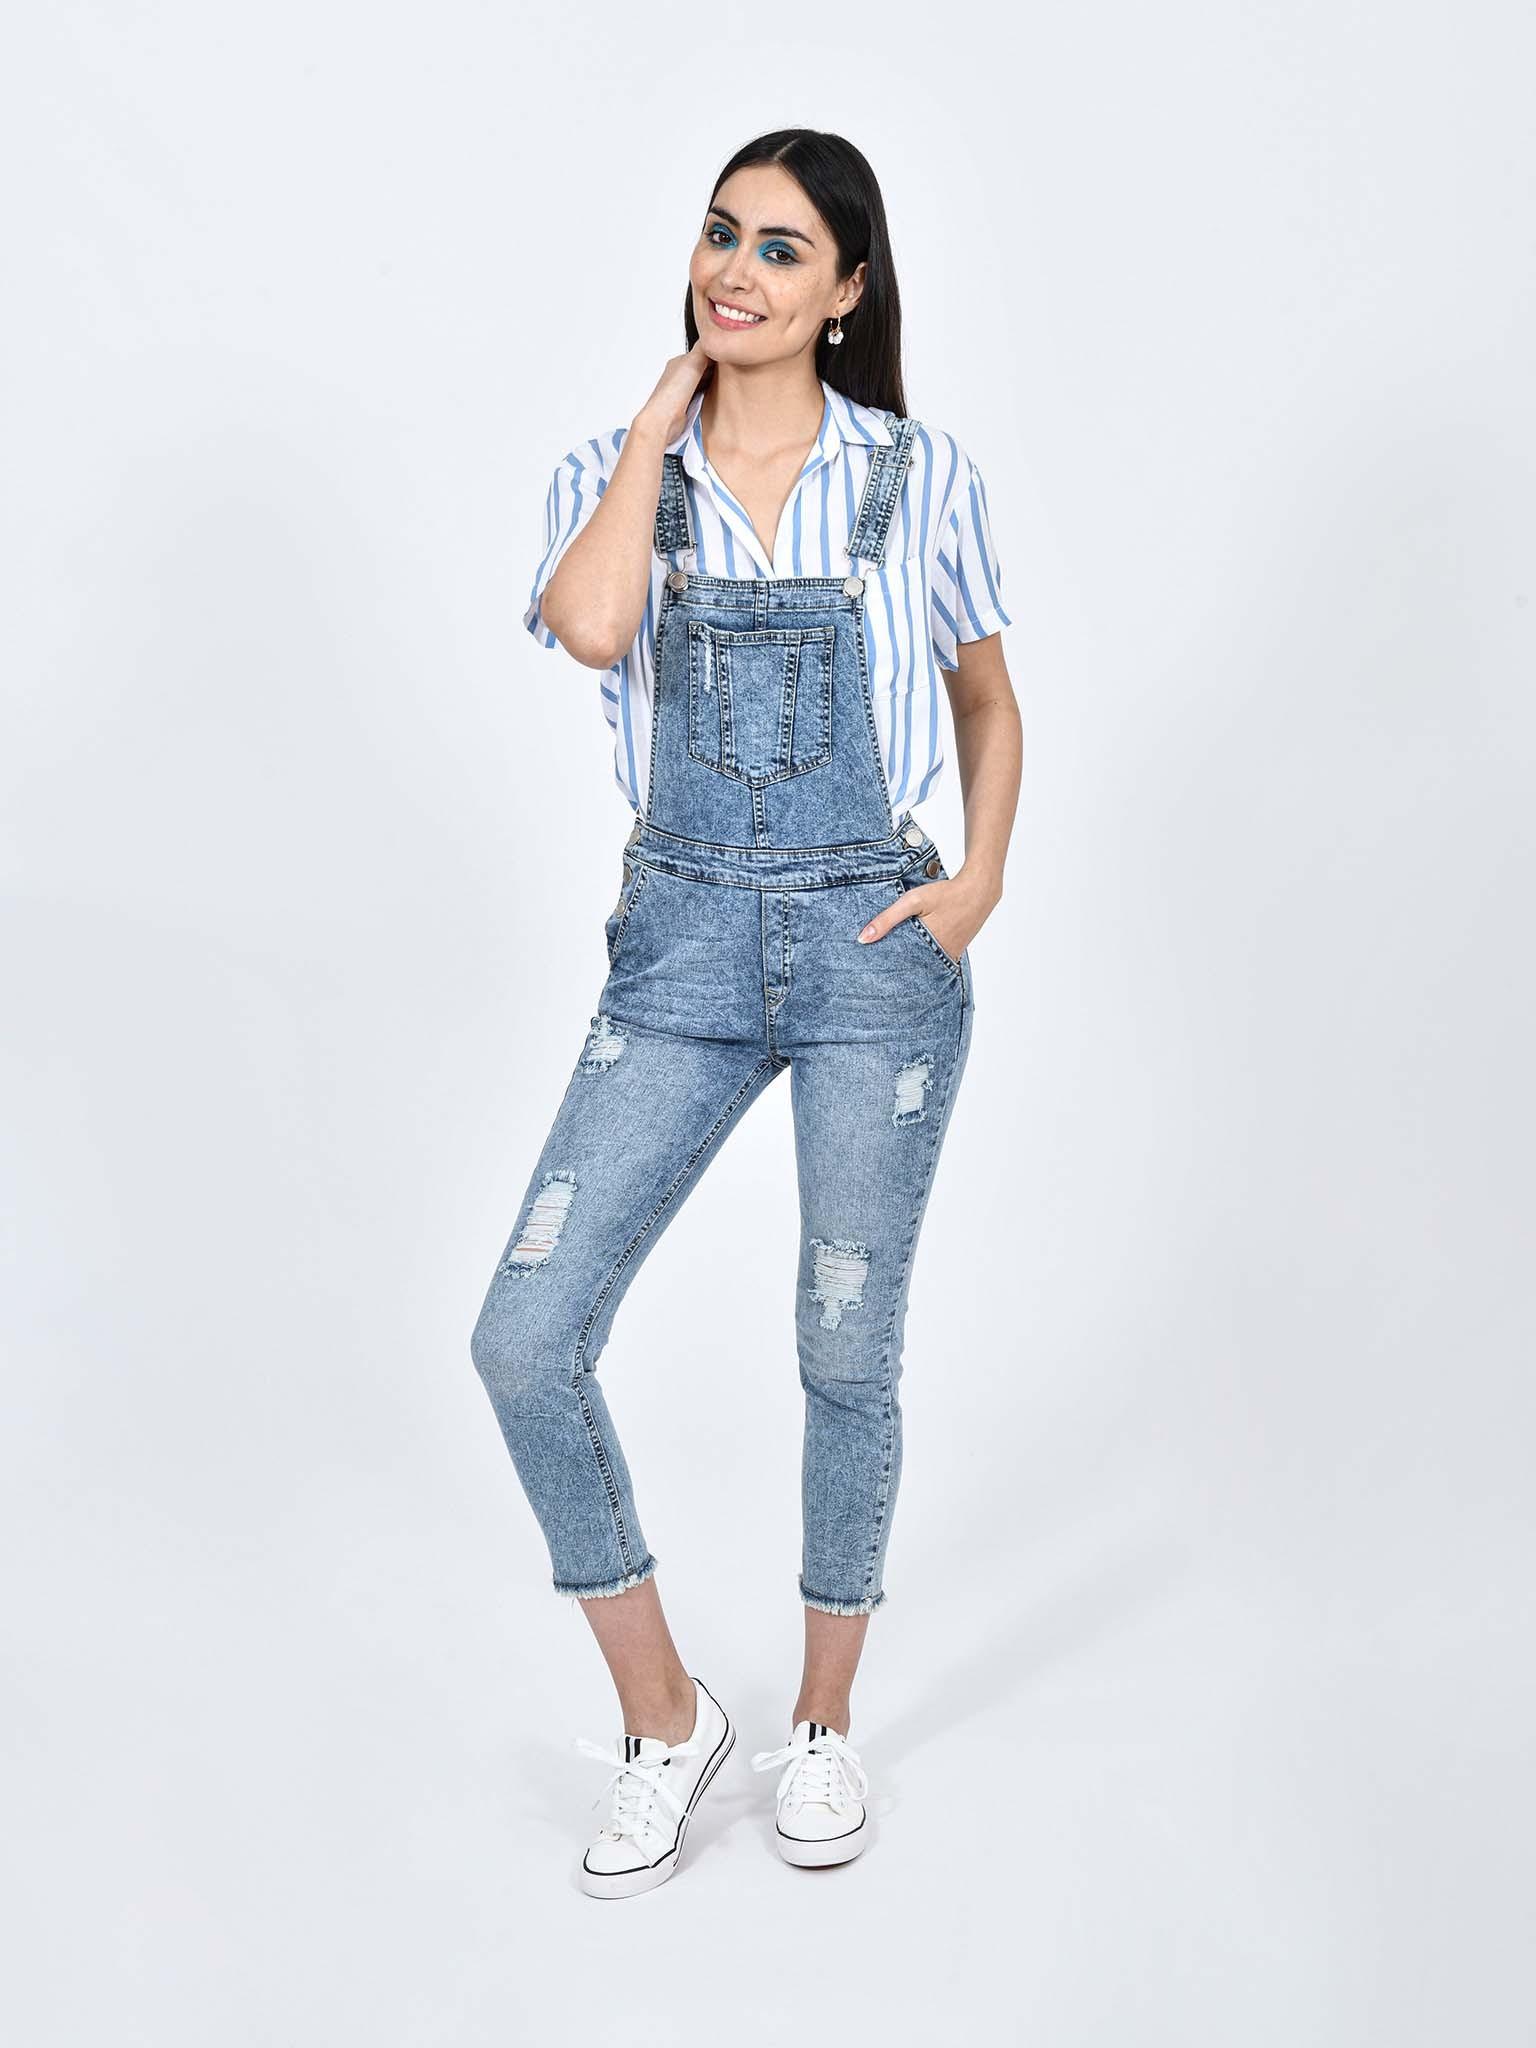 Oferta de Jeans Overol Acid Wash por $323.1